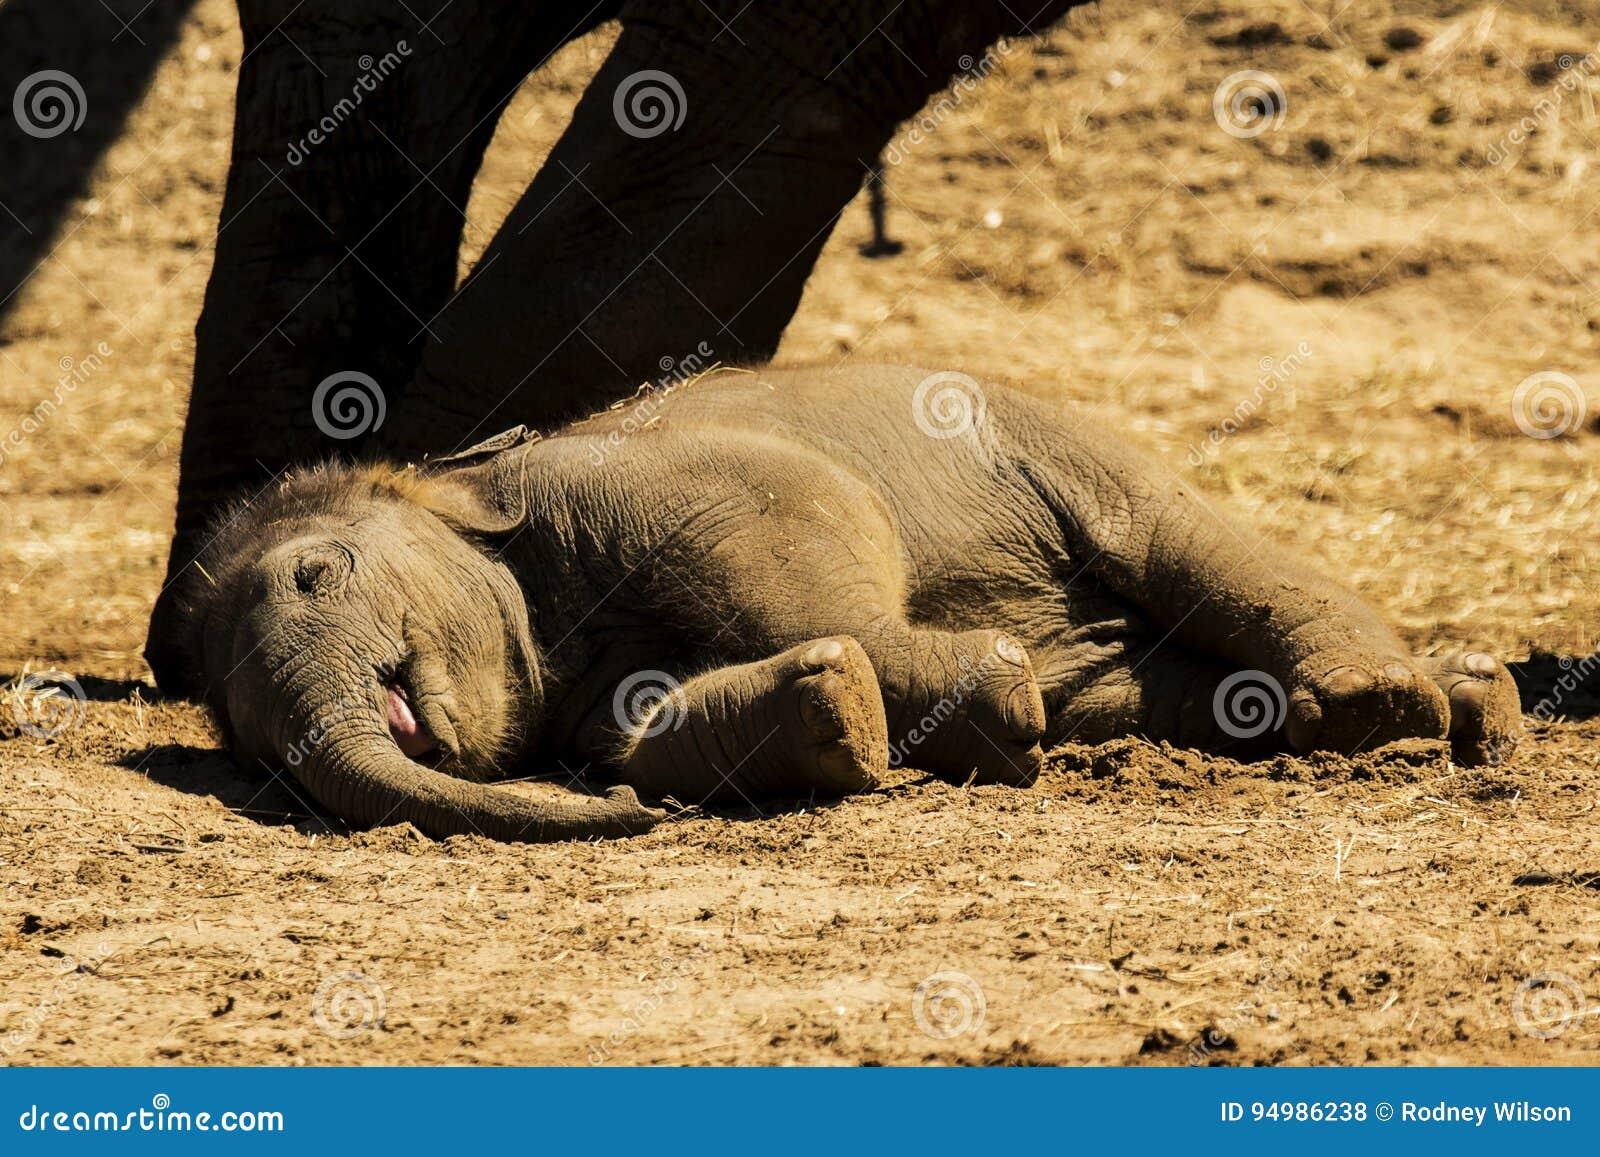 Nap Time voor deze Babyolifant